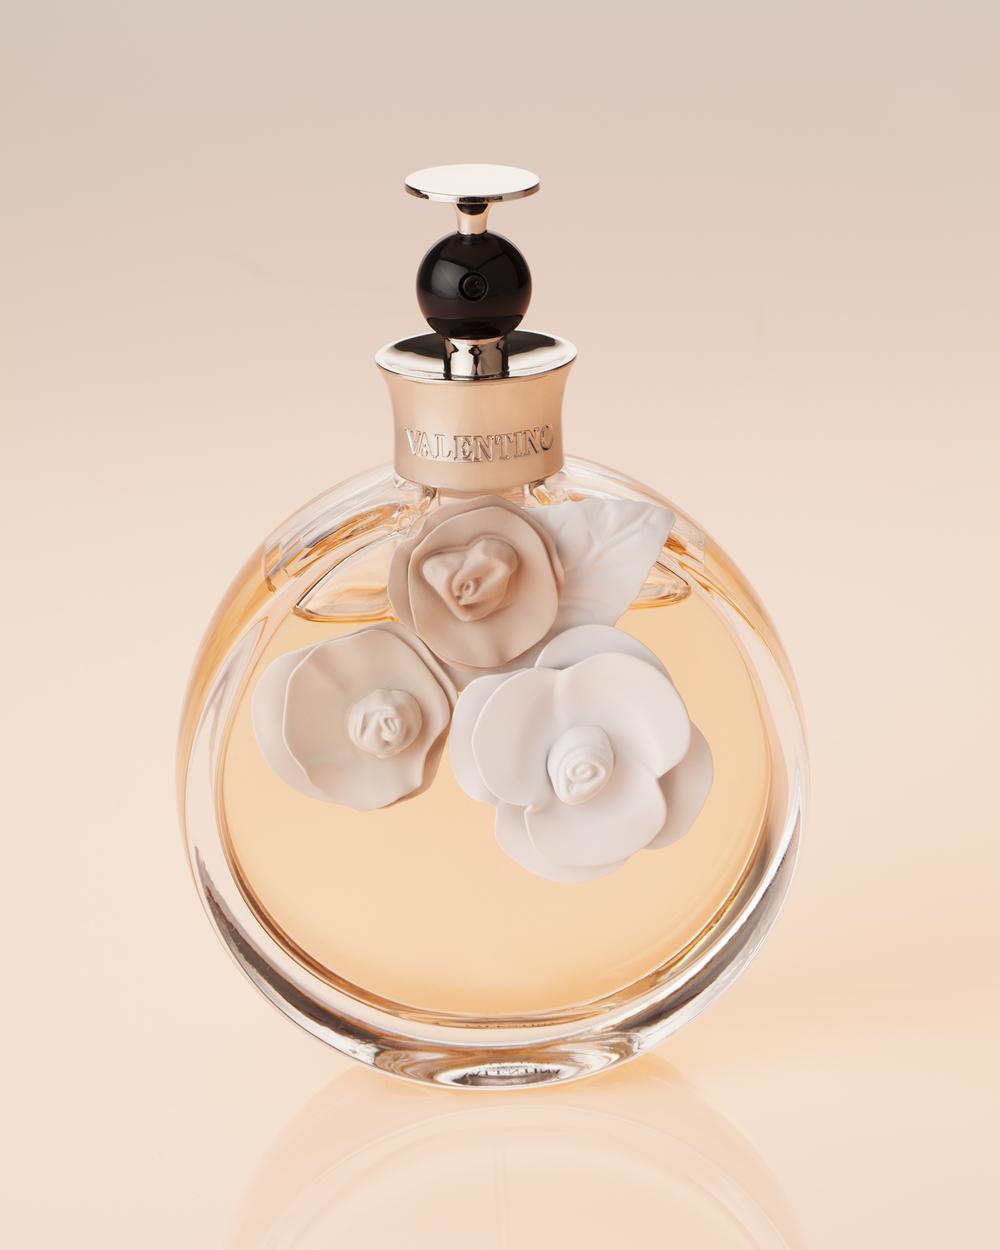 rachel_kuzma_perfume_product.jpg